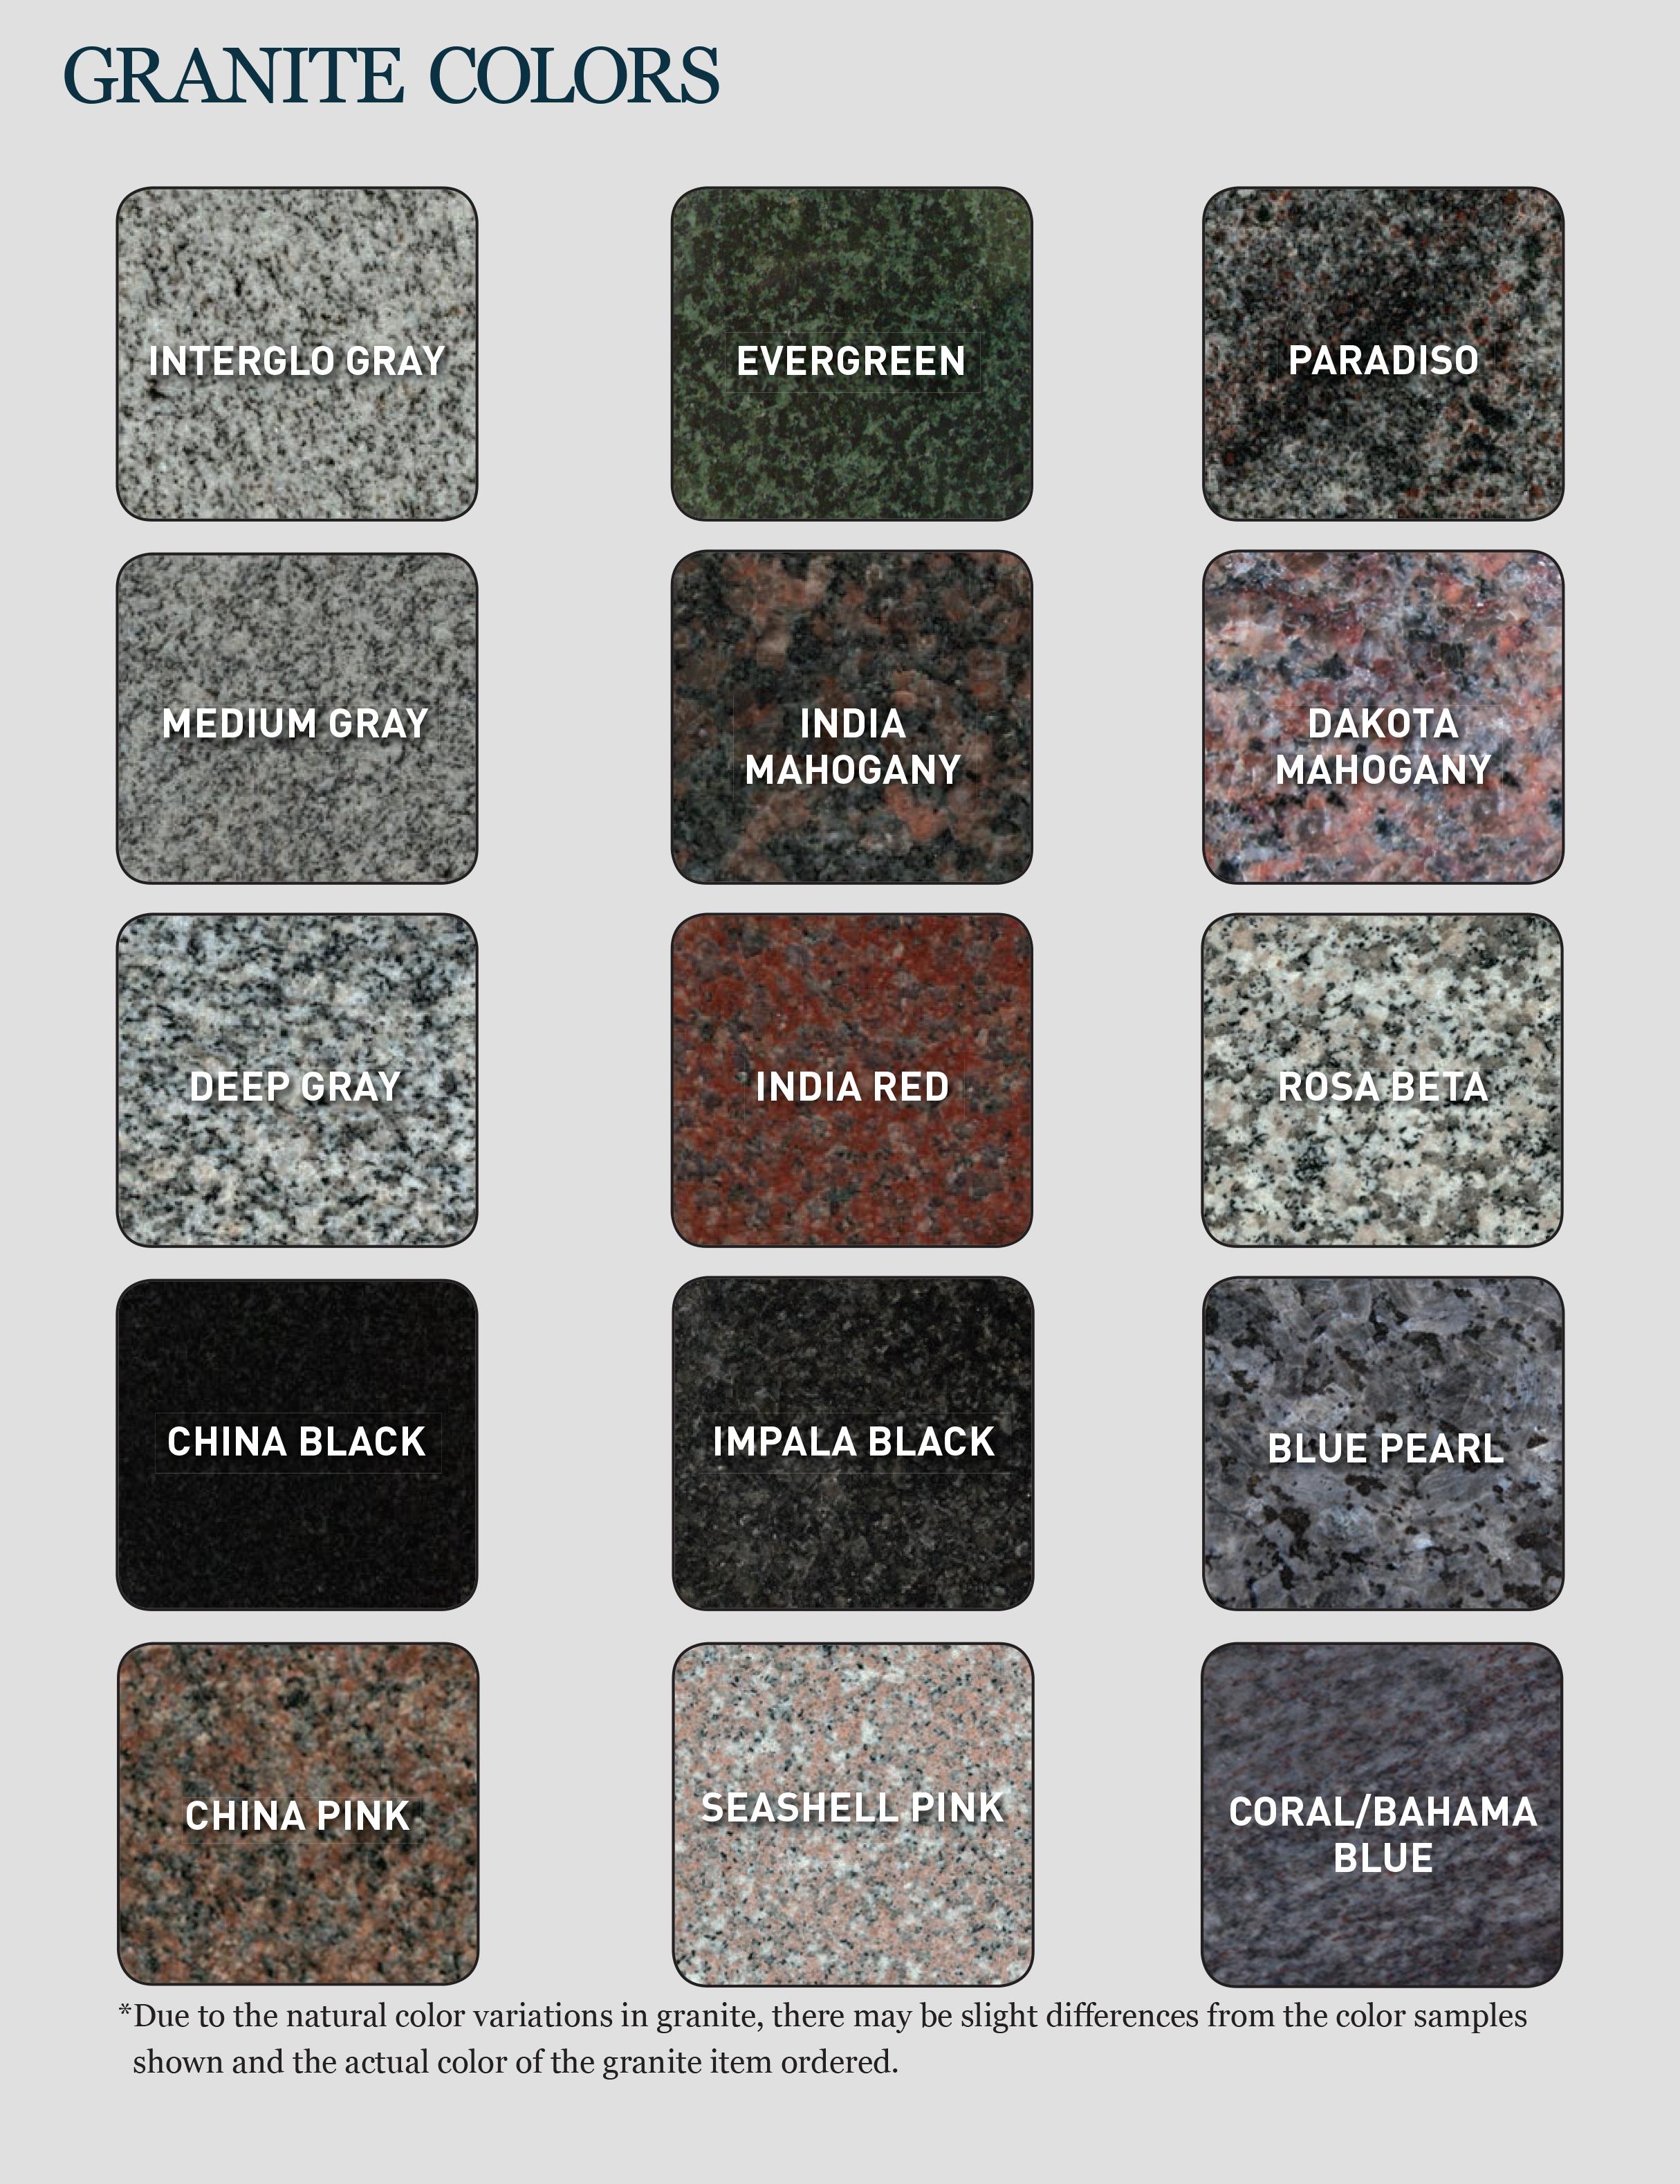 Granite Stone Colors : Interglo stone granite colors